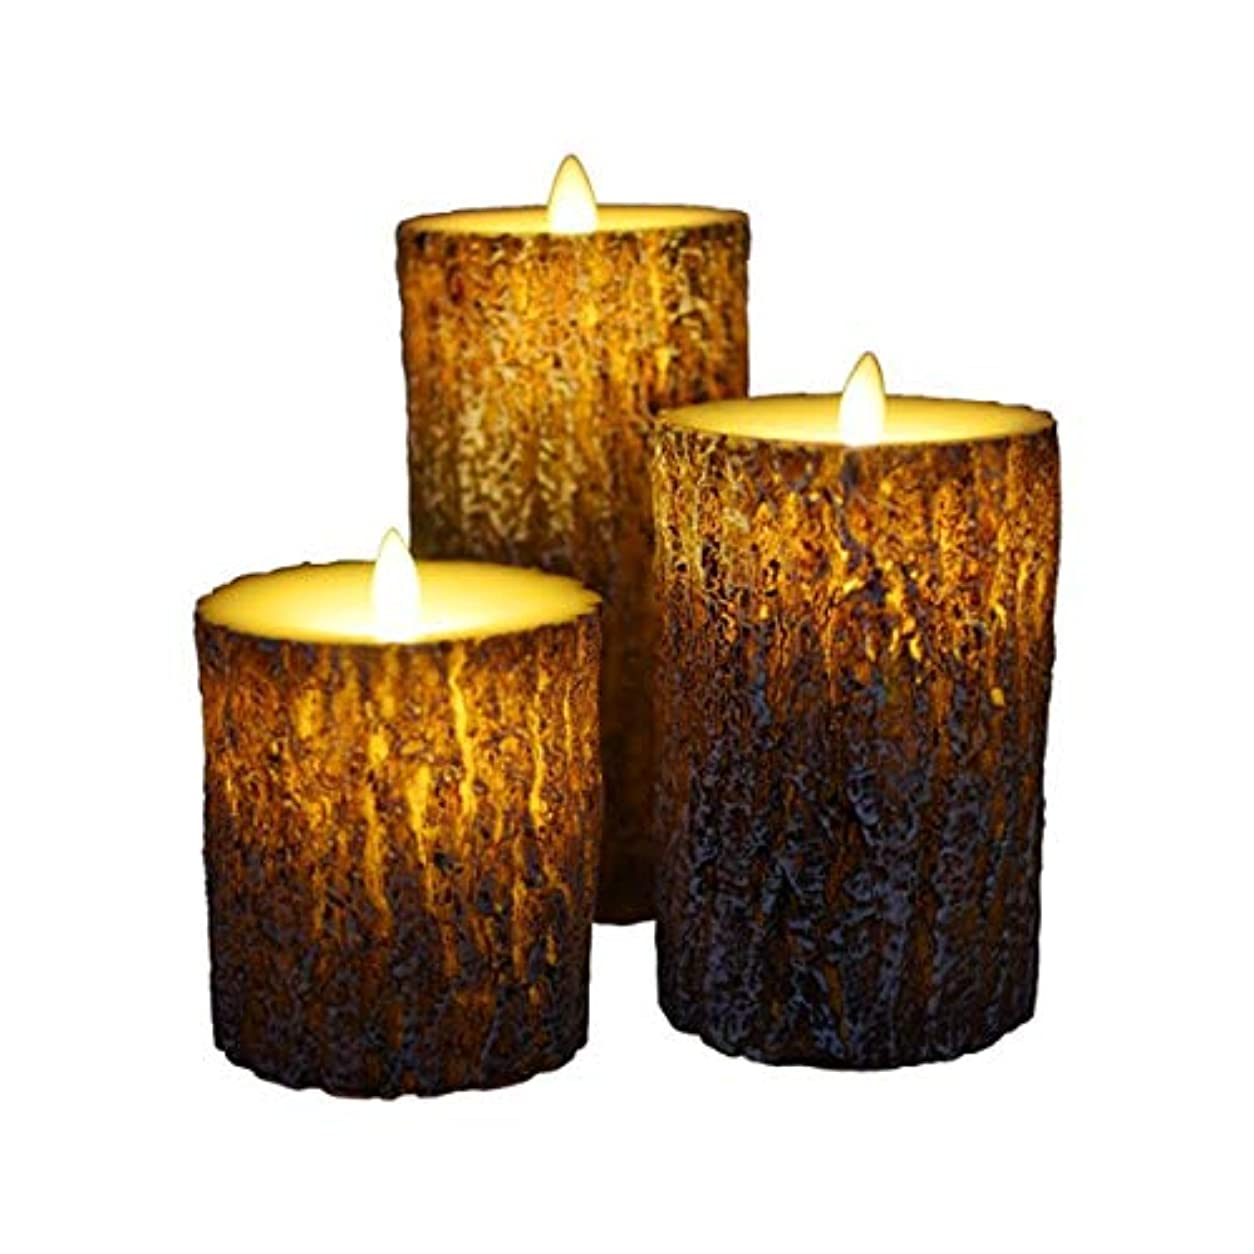 させるトレイル百フレームレスキャンドルちらつきLED炎、松の樹皮の外観バッテリー駆動、パーティーウェディングデコレーション(3パック),8.5X15cm